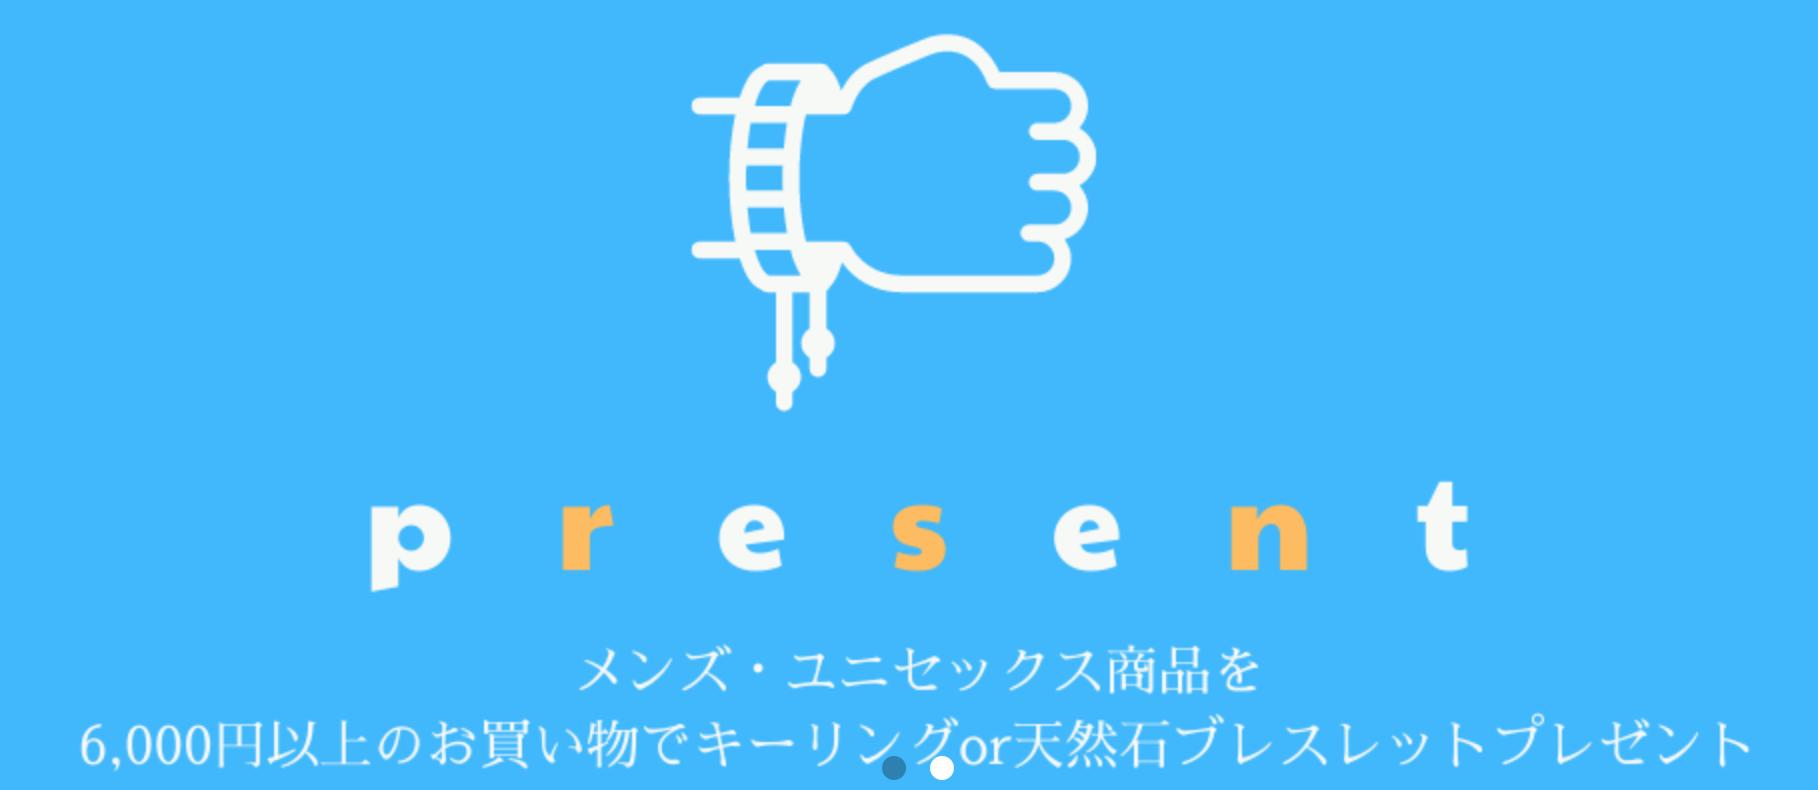 スクリーンショット 2021-08-21 9.57.53